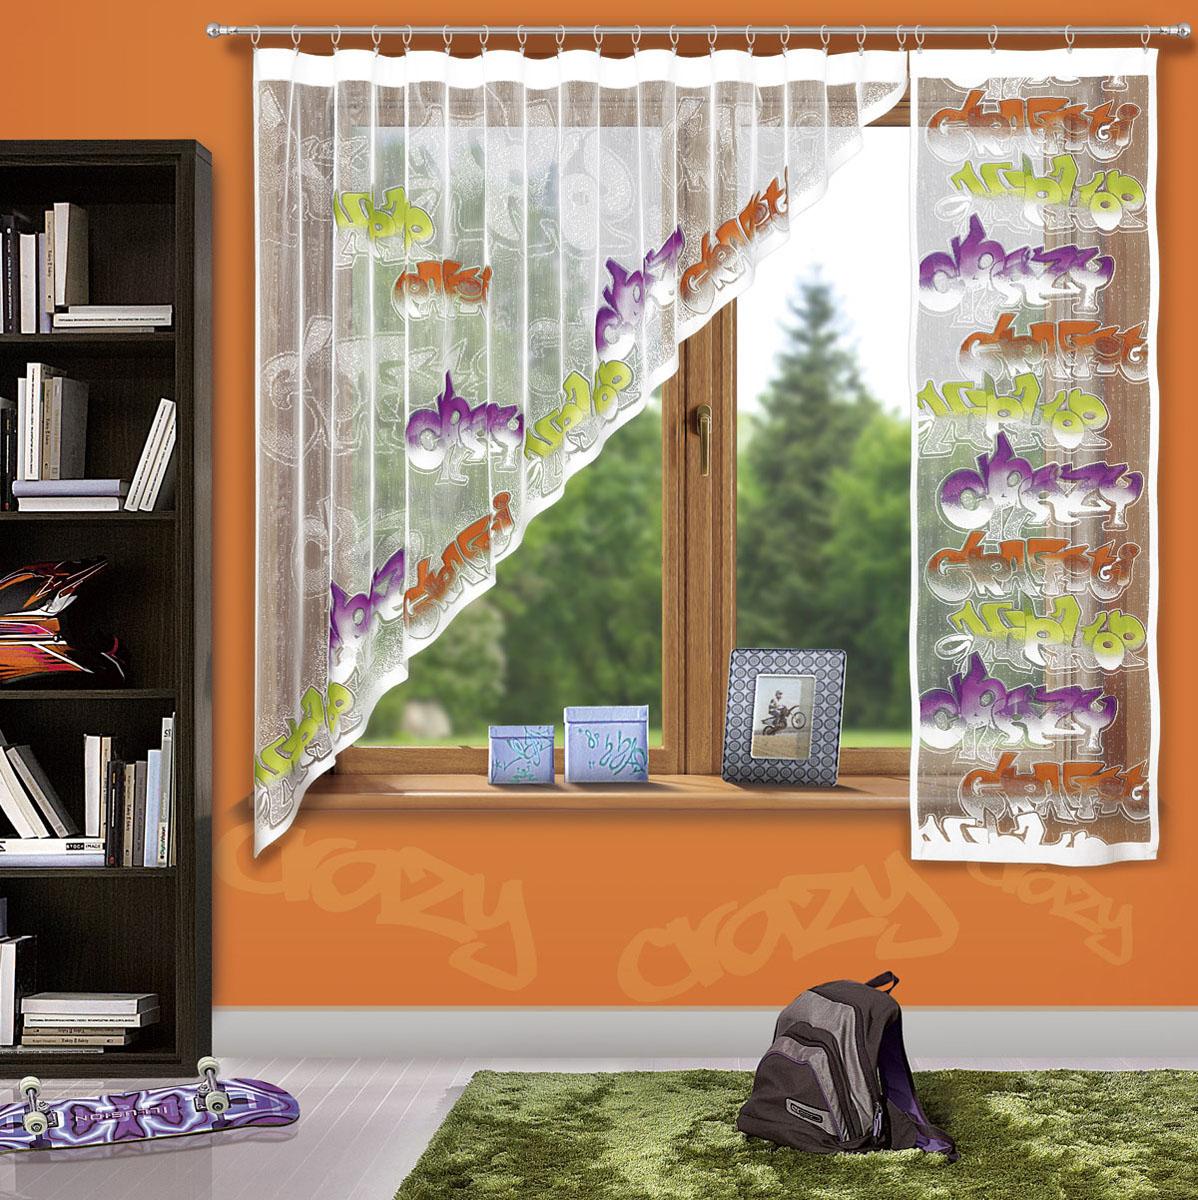 Гардина Wisan, цвет: белый, высота 180 см3359Жаккардовая гардина в детскую комнату с цветным узором тематики граффити. Состоит из двух частей. Крепится на кулиску.Размеры: ширина 300х высота 180+ ширина 60х высота 180